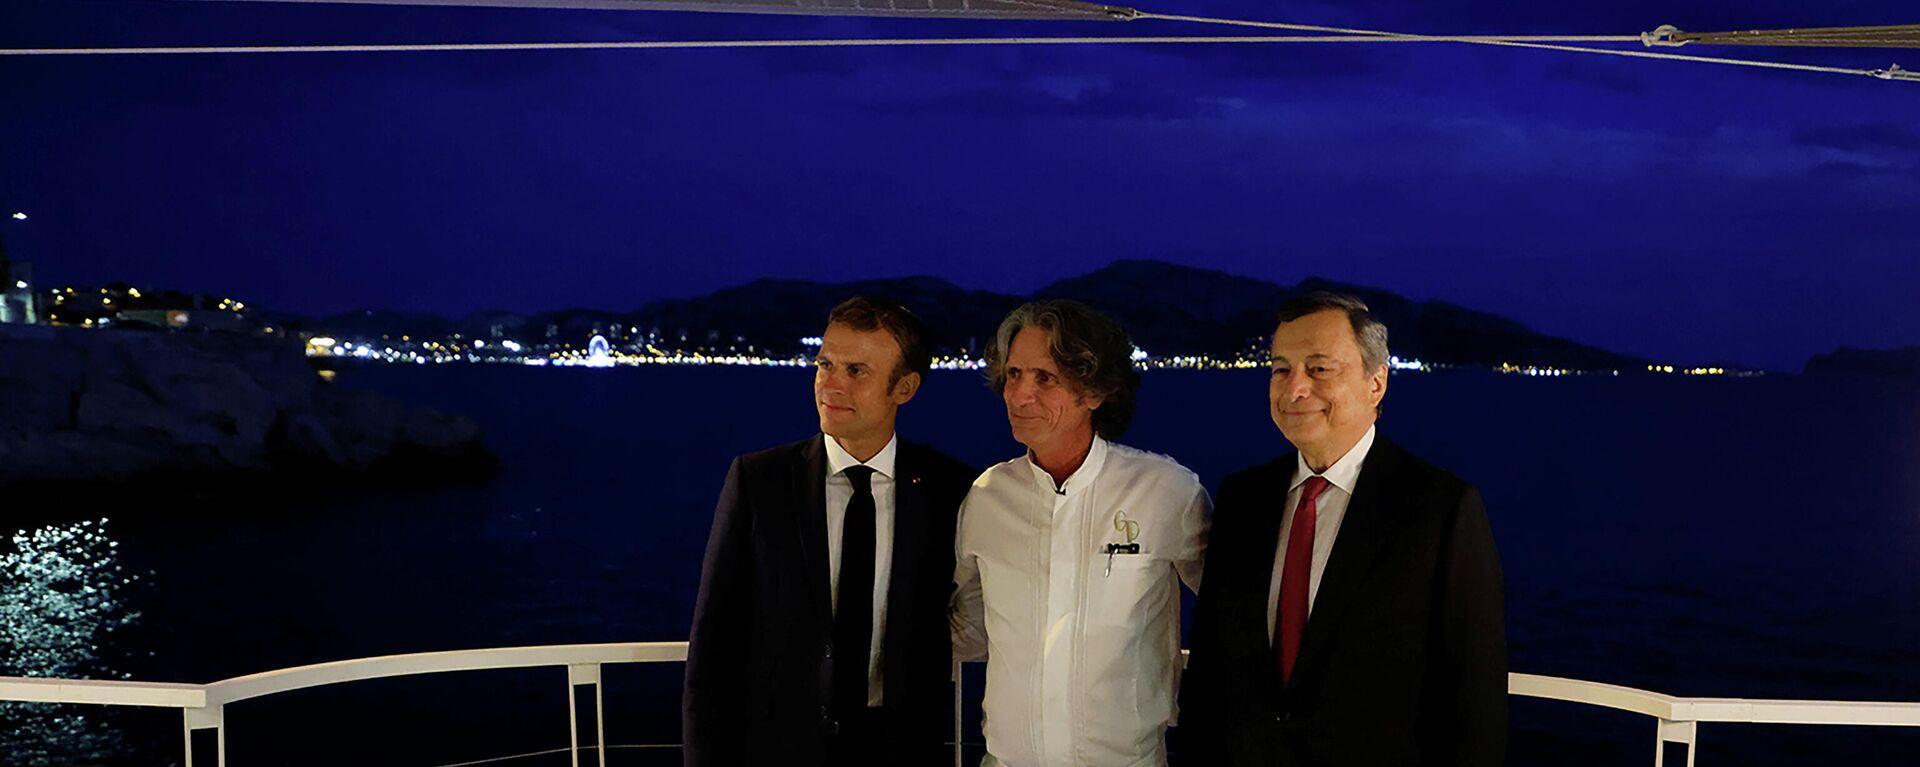 El presidente de francia, Emmanuel Macron, chef francés Gerald Passedat y el primer ministro de Italia, Mario Draghi - Sputnik Mundo, 1920, 06.09.2021